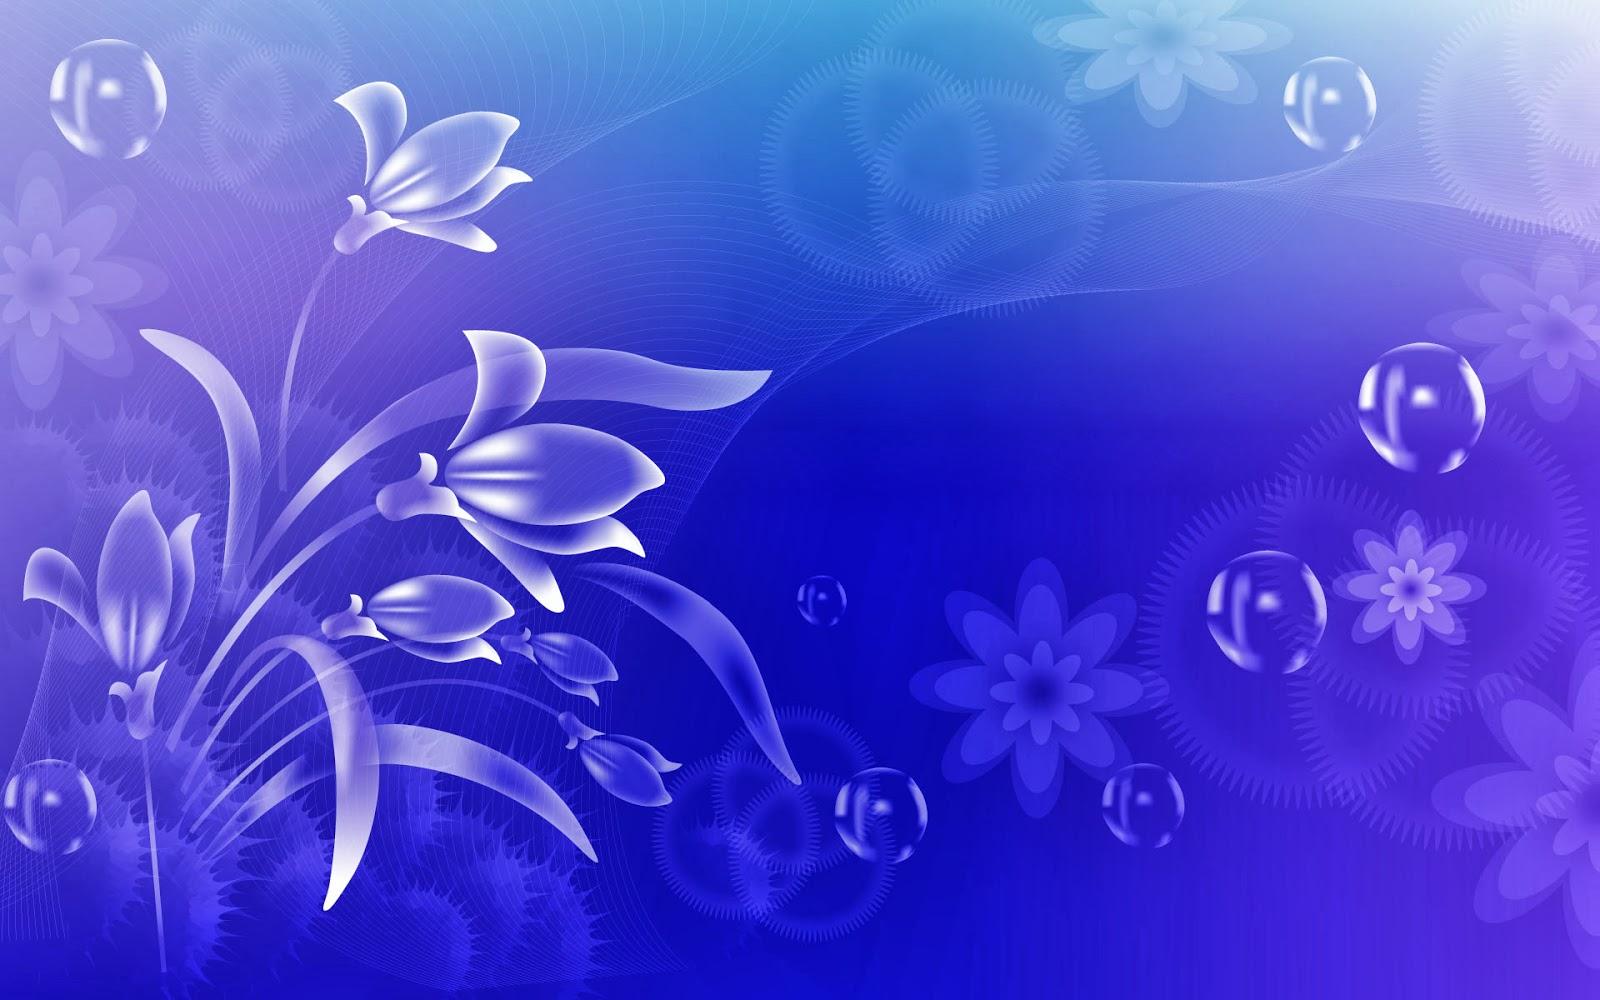 Fondo de pantalla abstracto flor con burbujas for Wallpapers abstractos